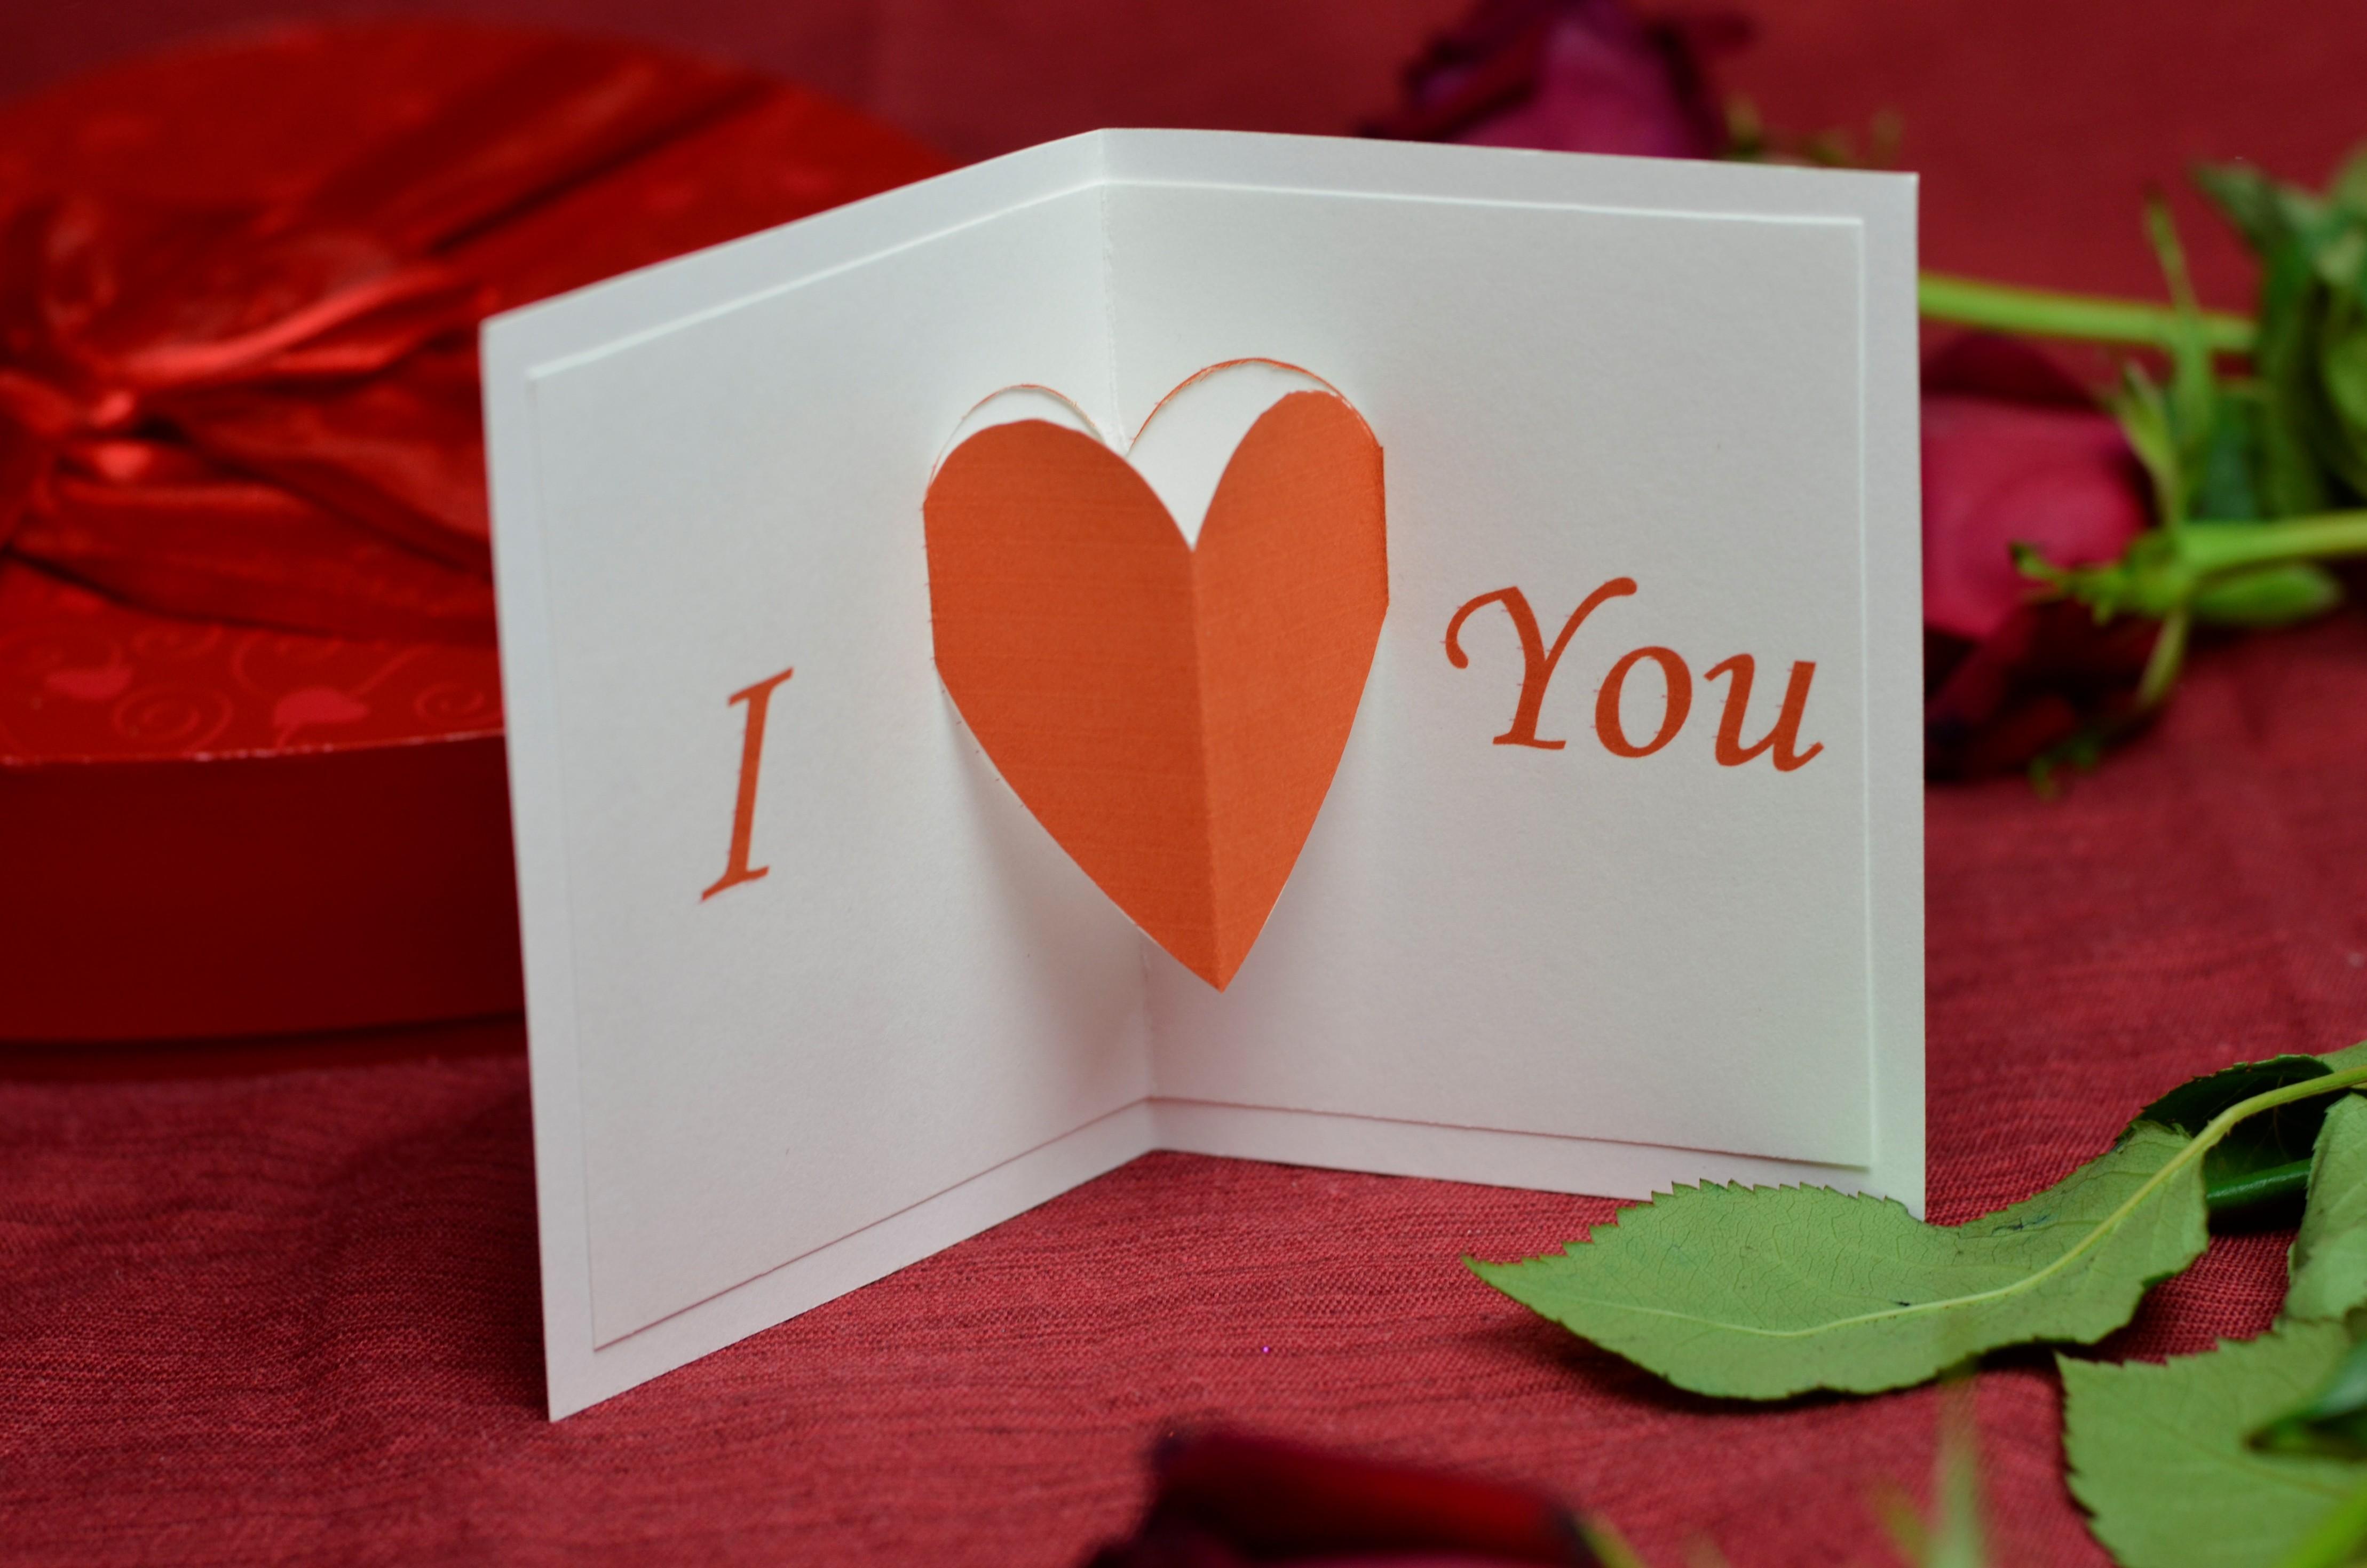 Hình ảnh chúc 14 tháng 2 cực lãng mạn trong ngày Valentine